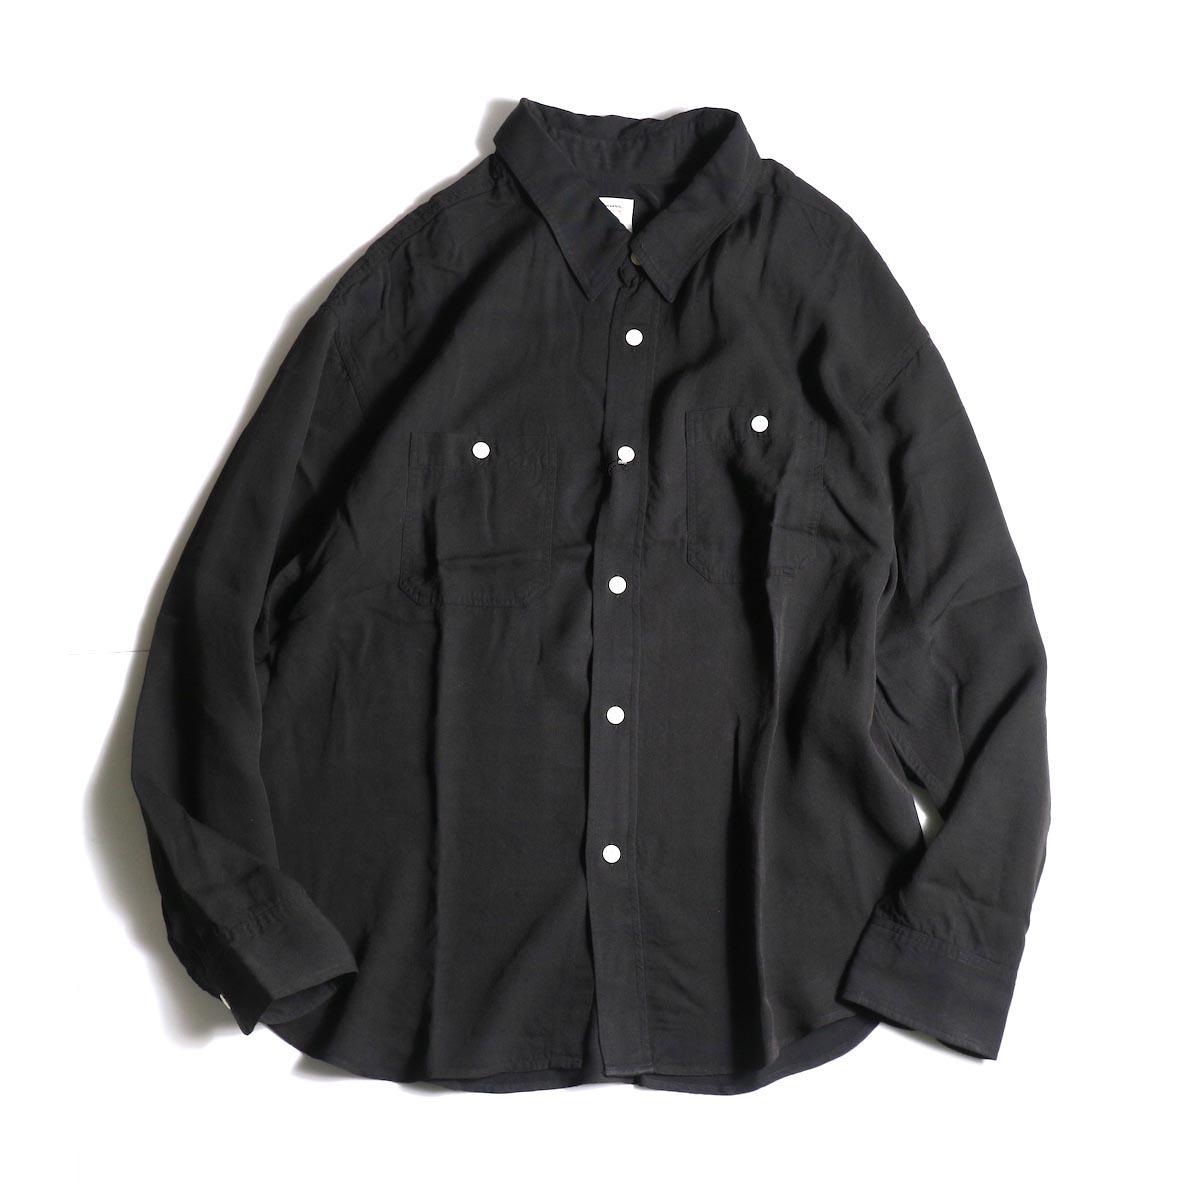 visvim / MAINSAIL SHIRT L/S (RAYON) (Black)